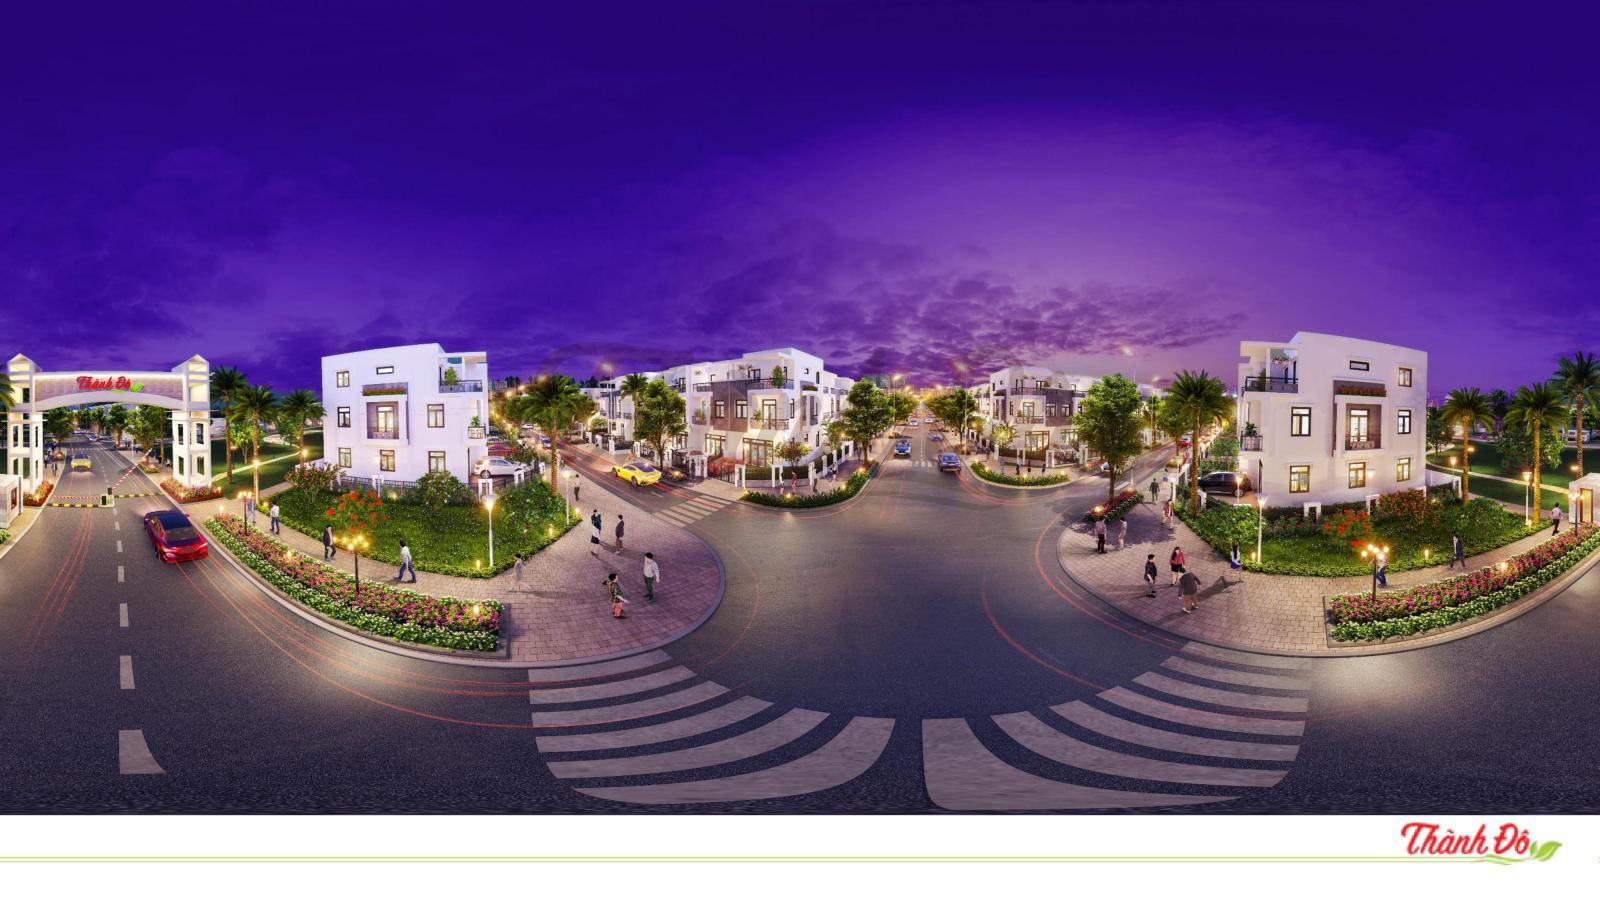 Phối cảnh tổng thể dự án Khu đô thị thông minh Thành Đô tại Ô Môn, Cần Thơ